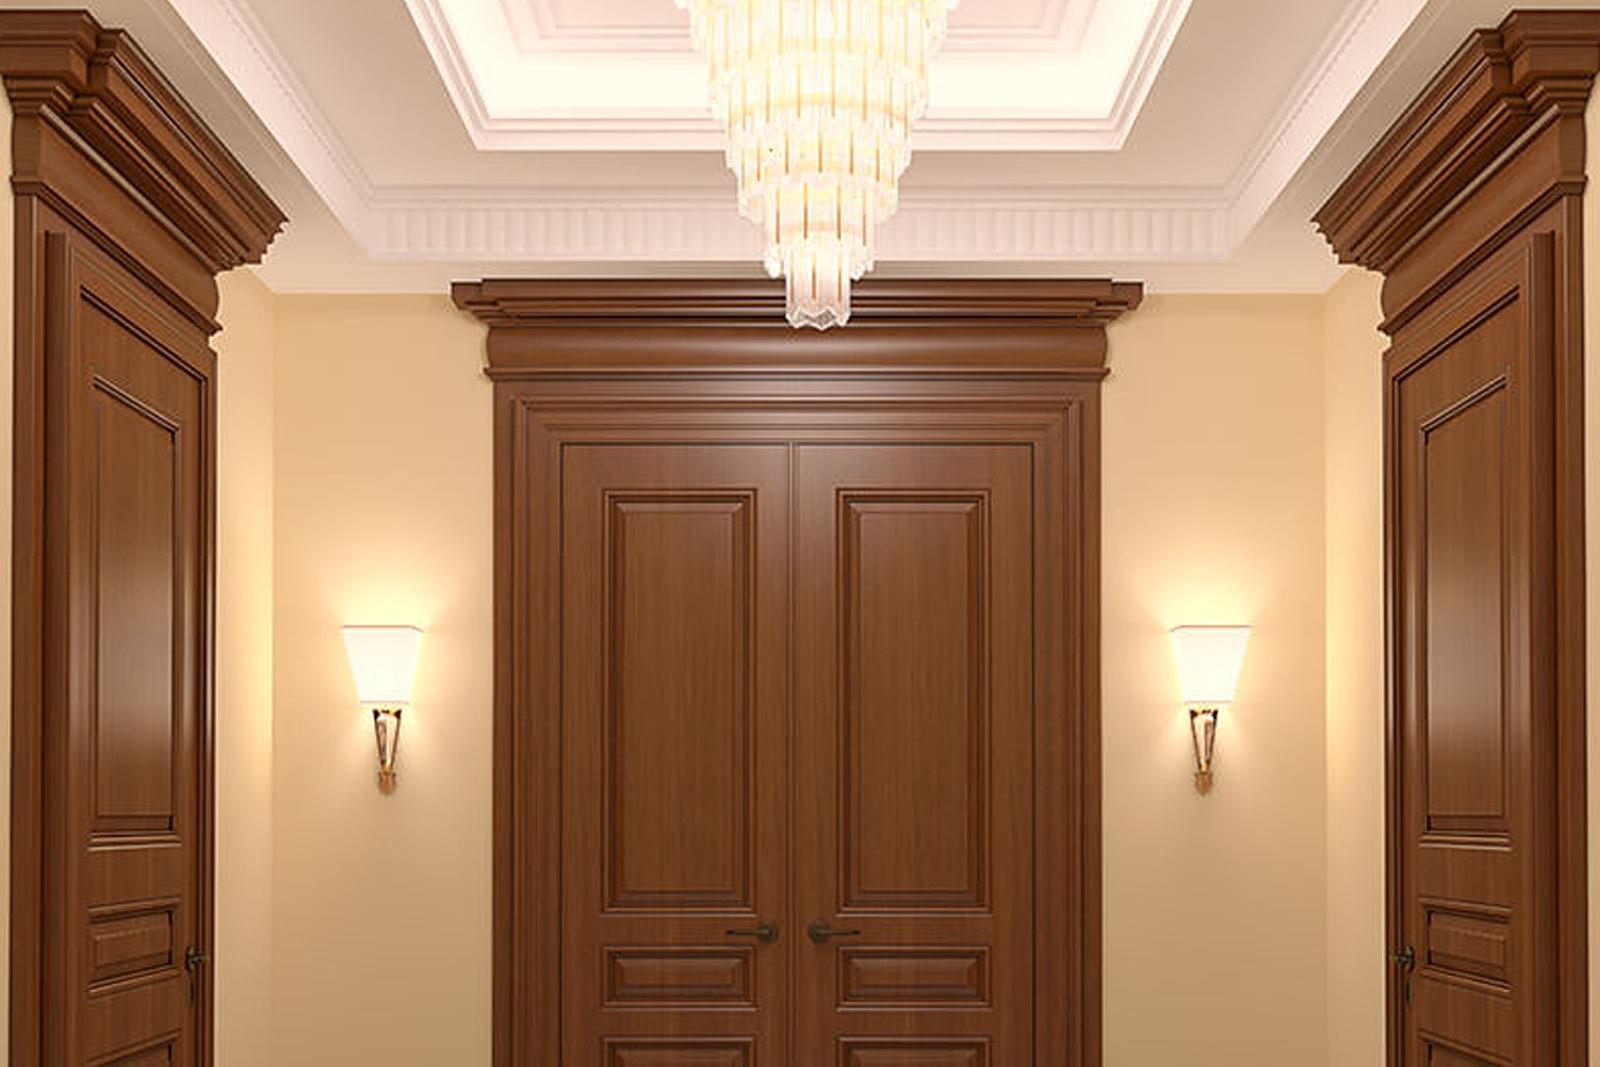 Wood fire-rated door frames in hallway